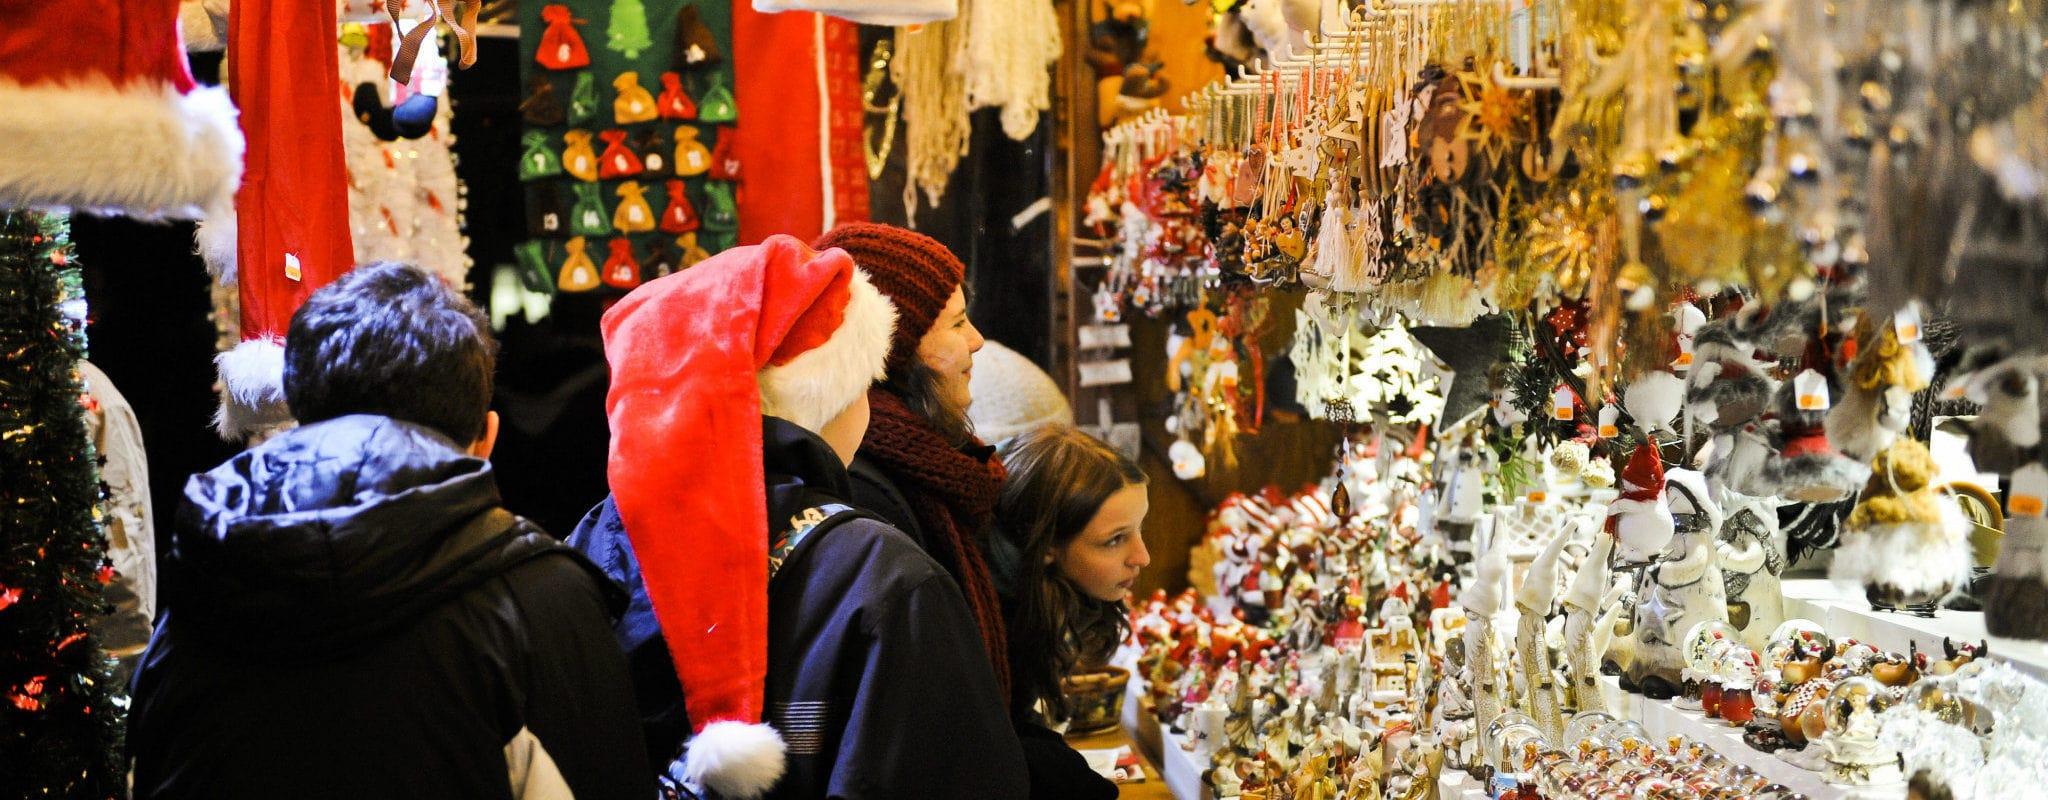 Finlande, 12 sites, 4 ambiances, 306 chalets, 1 patinoire… Tout sur le Marché de Noël de Strasbourg 2018